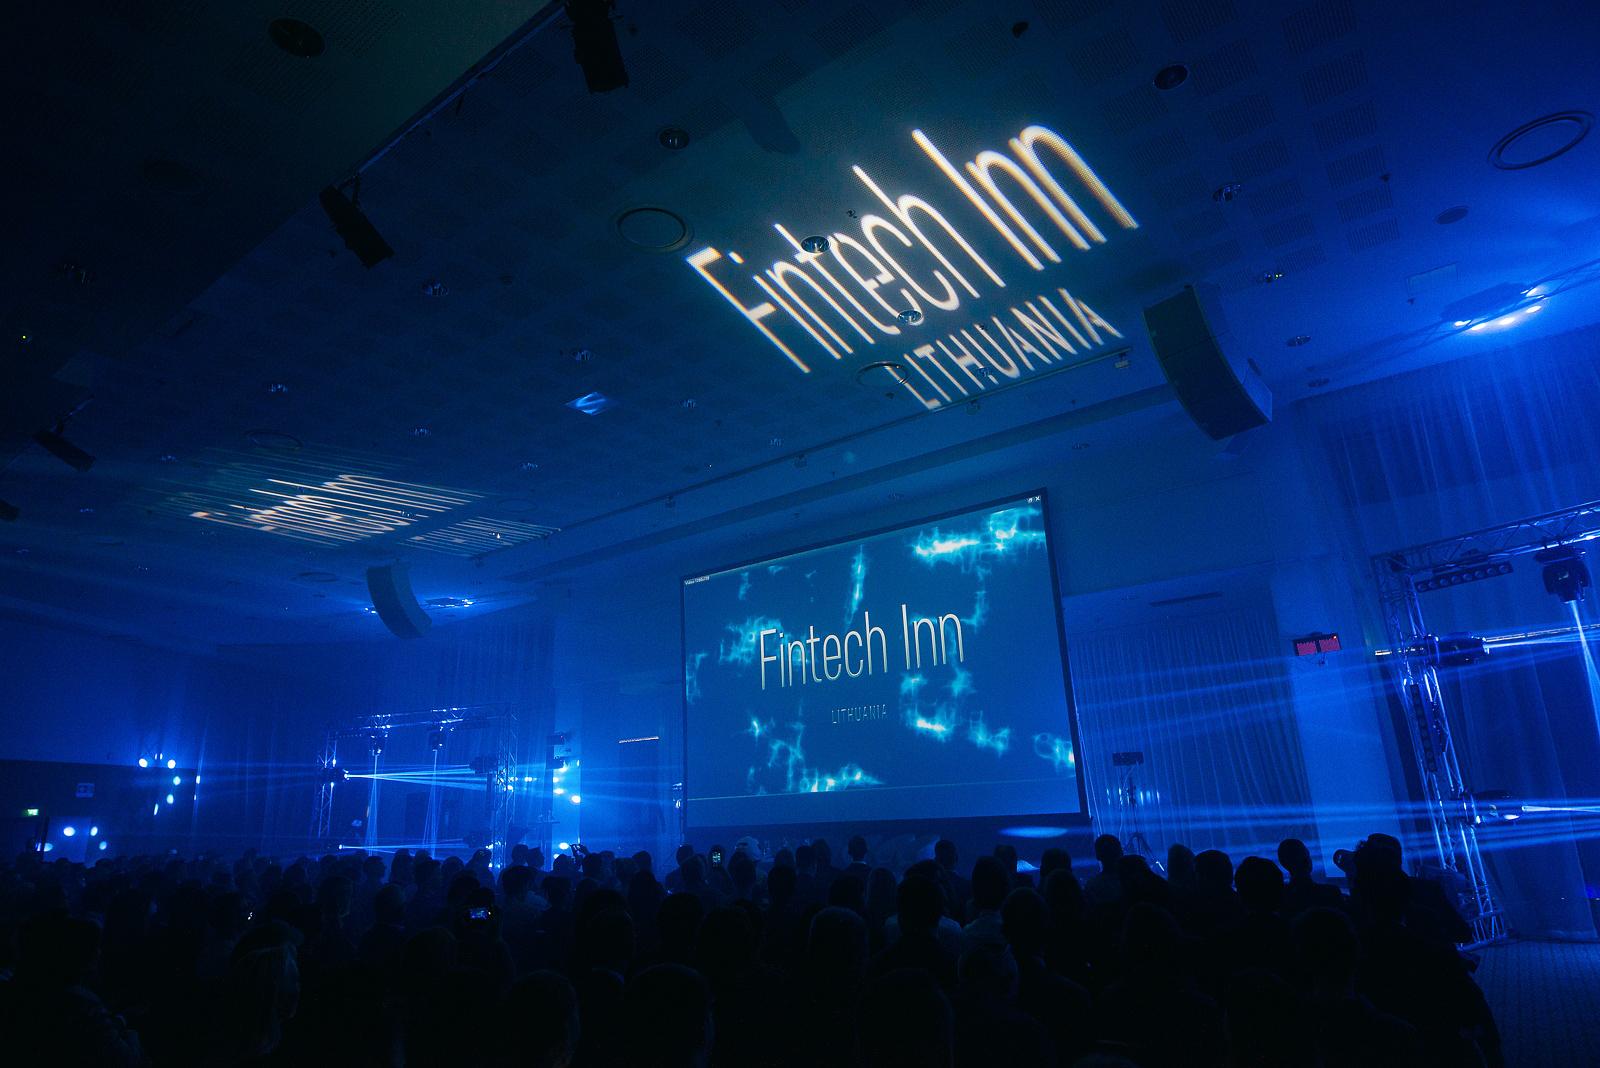 Fintech-Inn_2